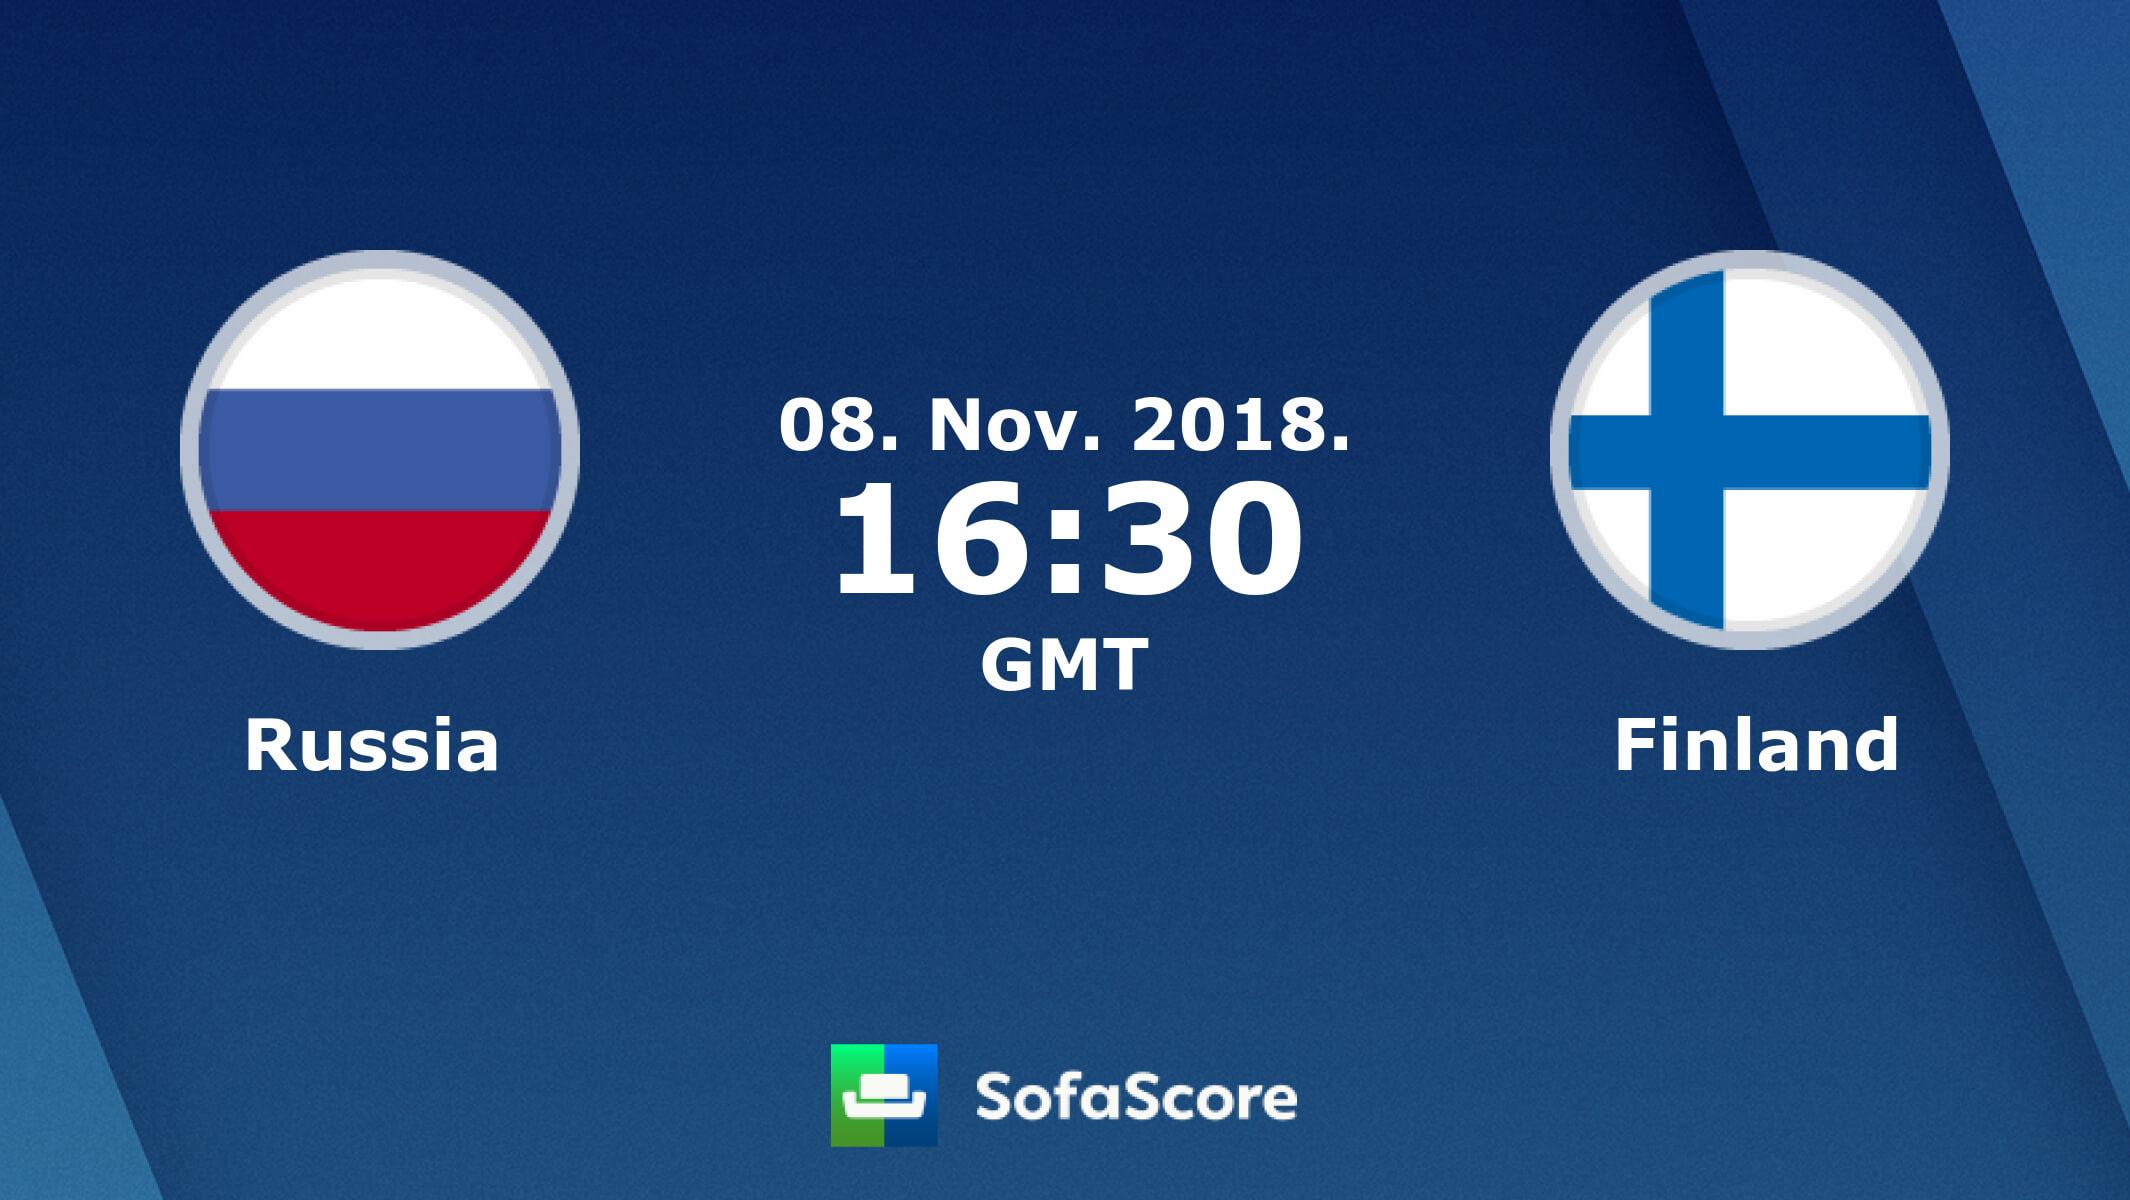 Финляндия — Россия прогноз игры на еврохоккейтур 8 ноября 2018 года